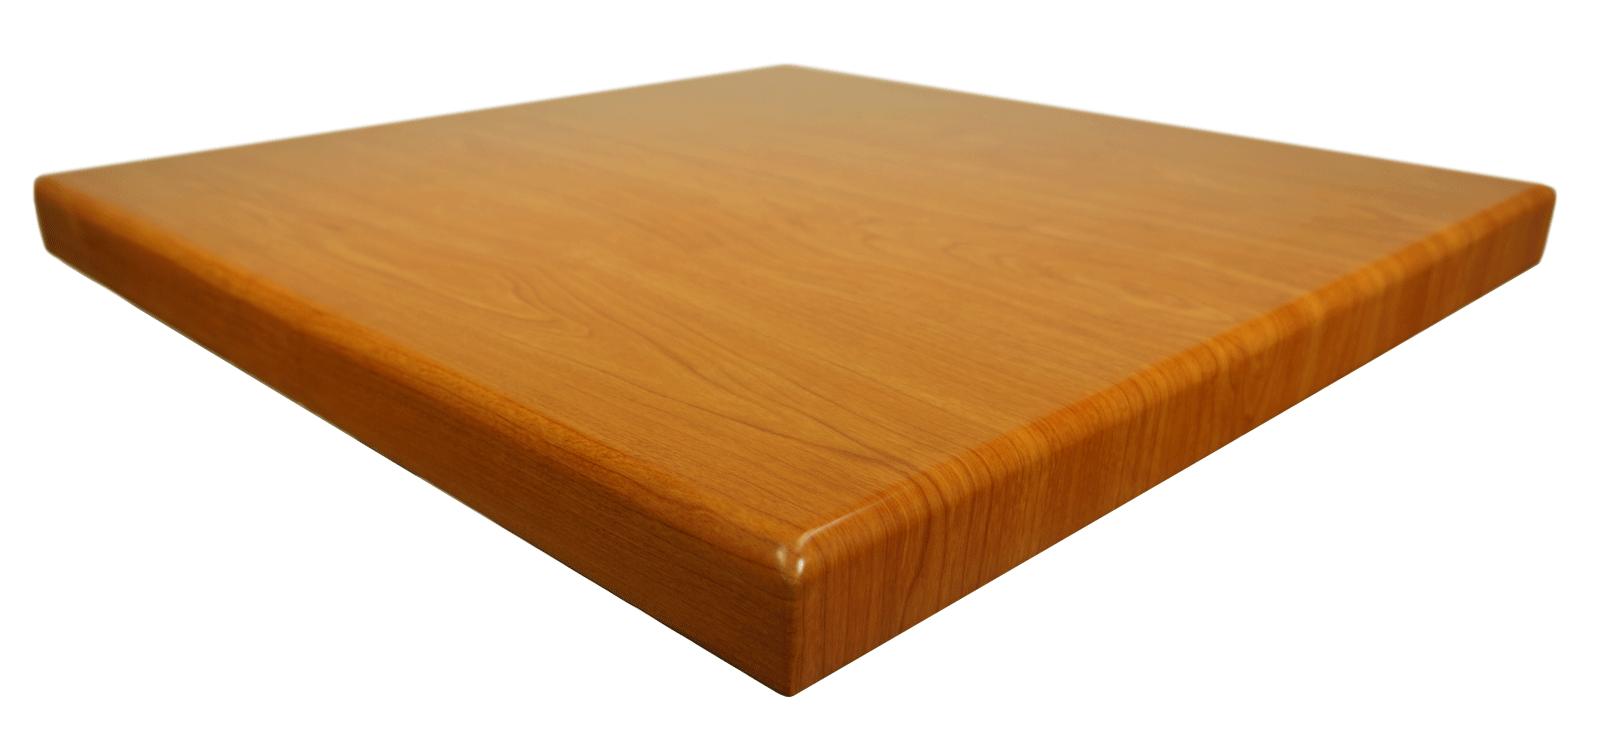 Indoor Resin Table Tops